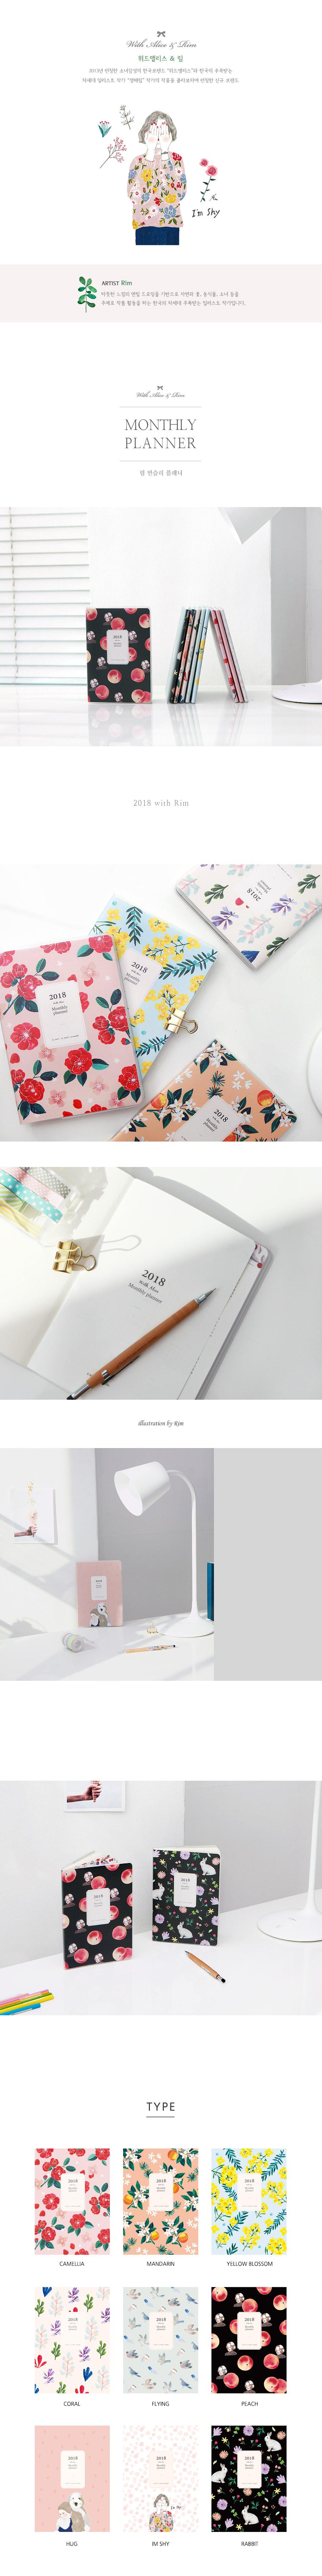 2018 림 먼슬리 플래너5,800원-위드앨리스디자인문구, 다이어리/캘린더, 2018 다이어리, 일러스트바보사랑2018 림 먼슬리 플래너5,800원-위드앨리스디자인문구, 다이어리/캘린더, 2018 다이어리, 일러스트바보사랑